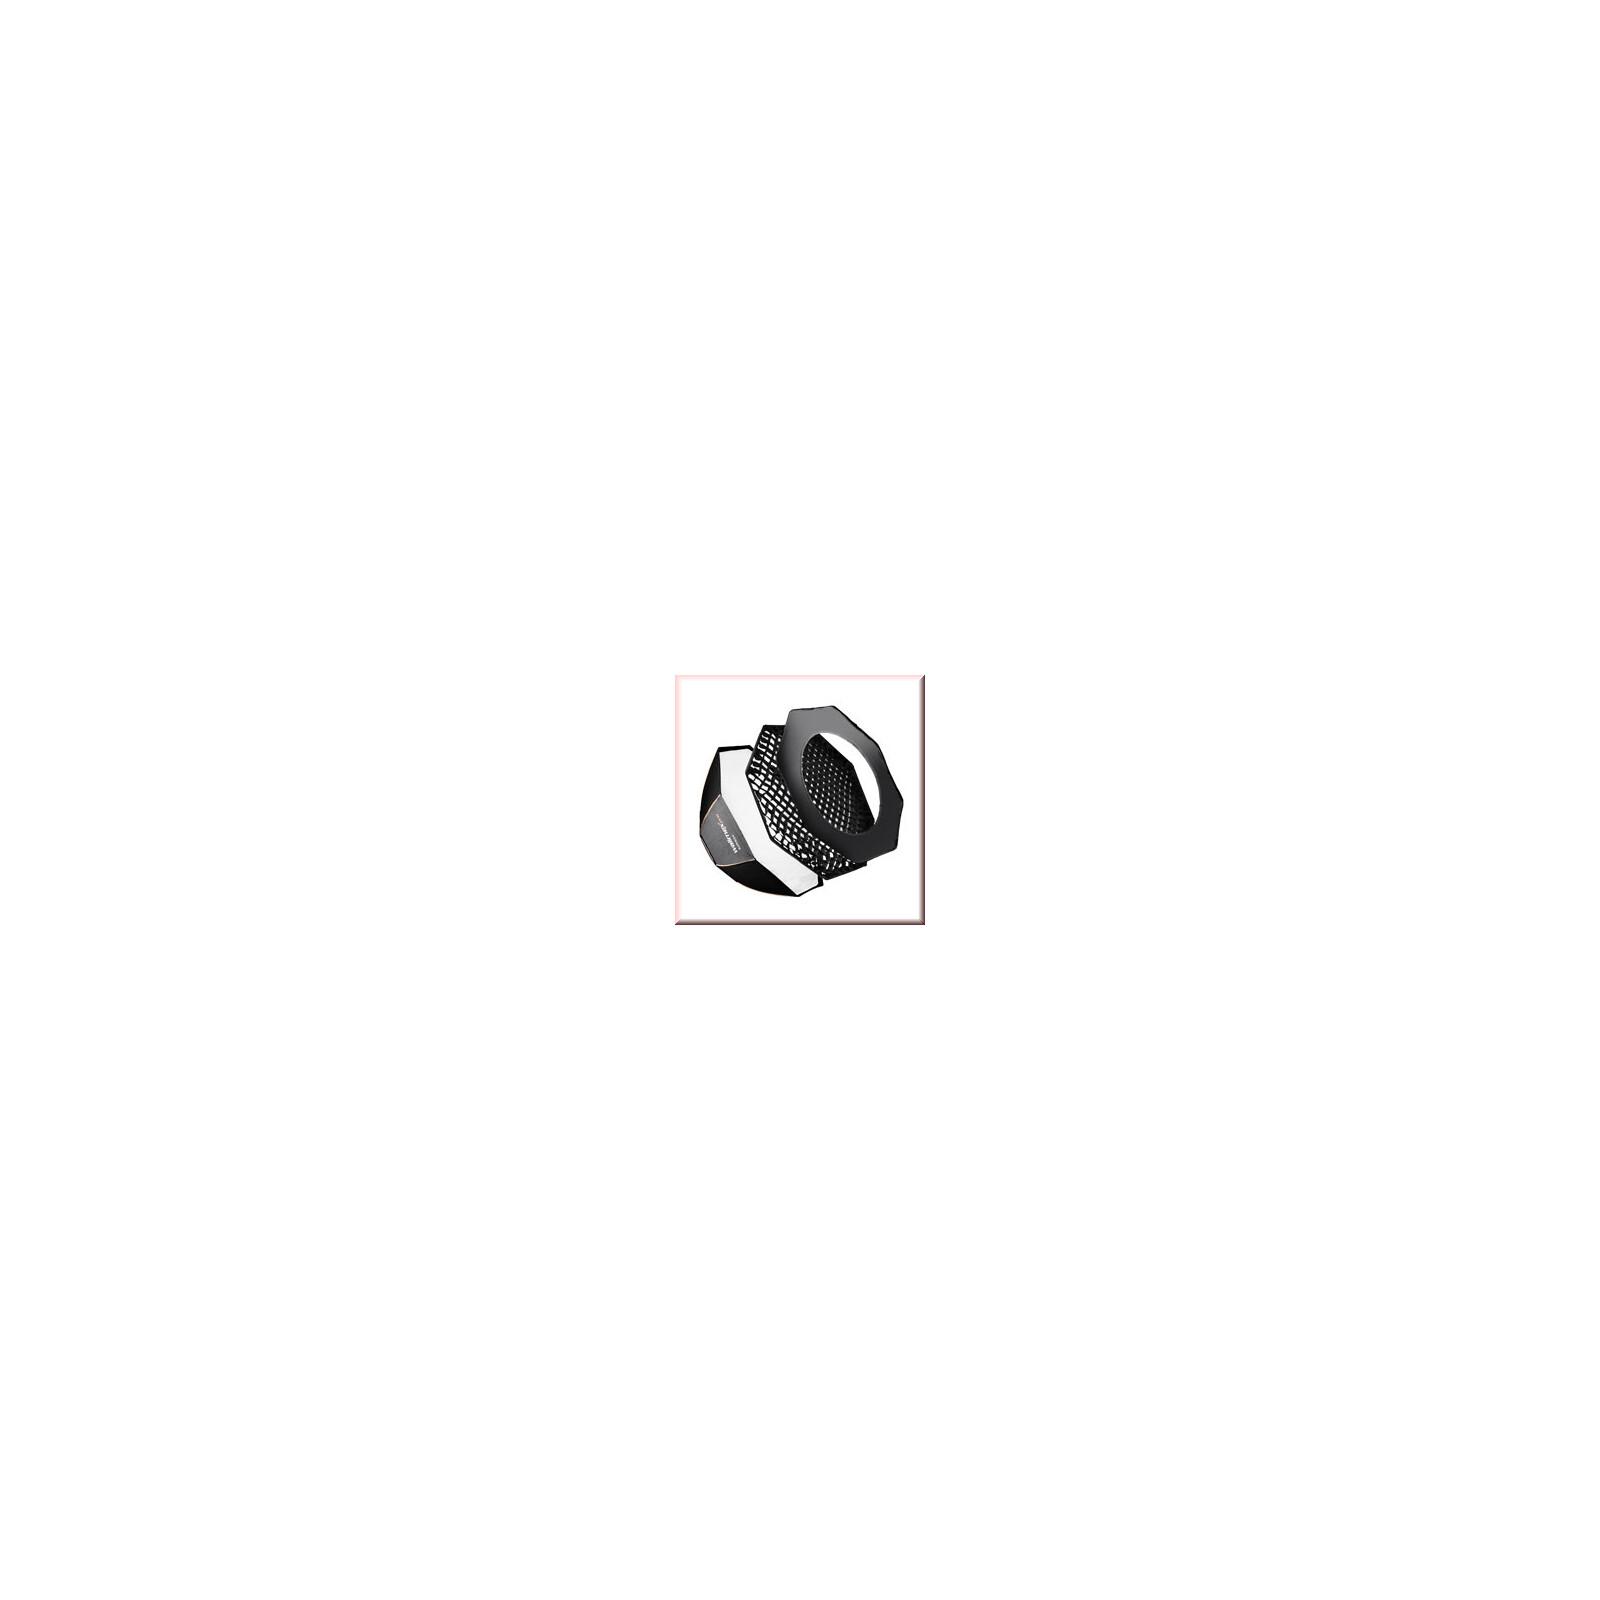 walimex pro Octagon Softbox PLUS OL Ø60 Elinchrom